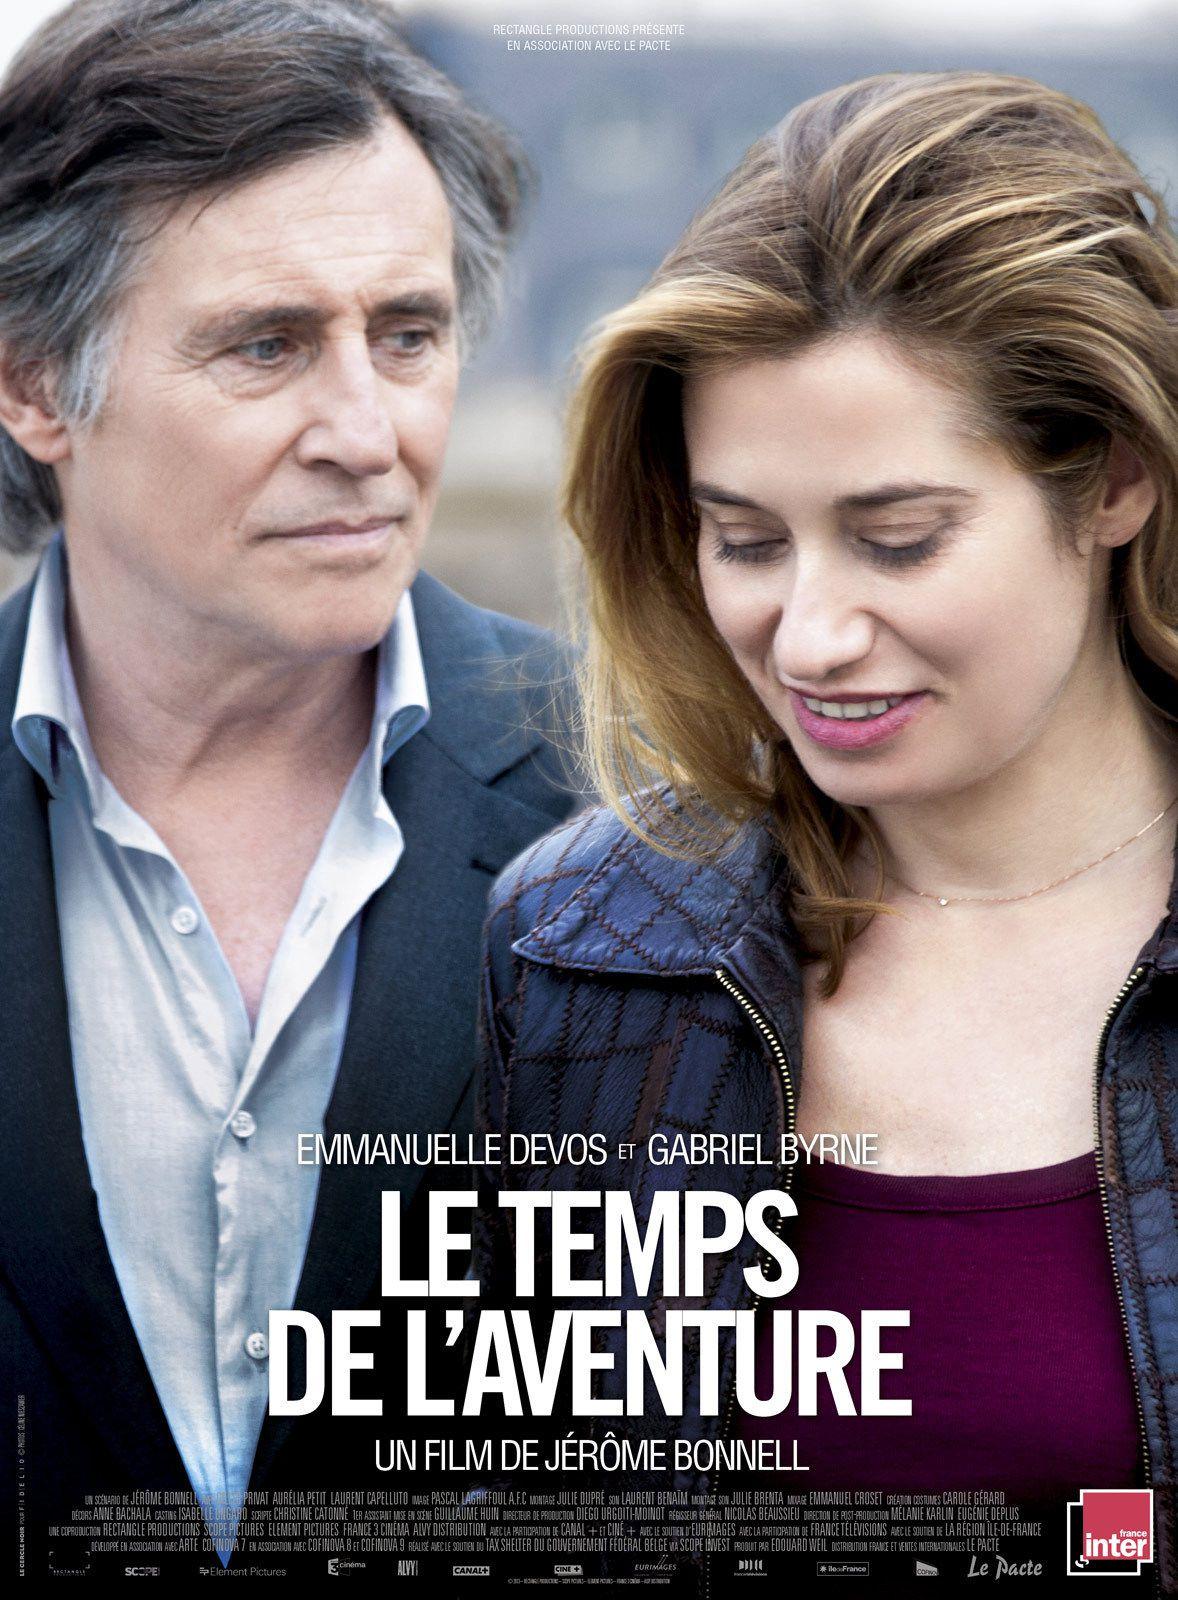 Le Temps de l'aventure - Film (2013)